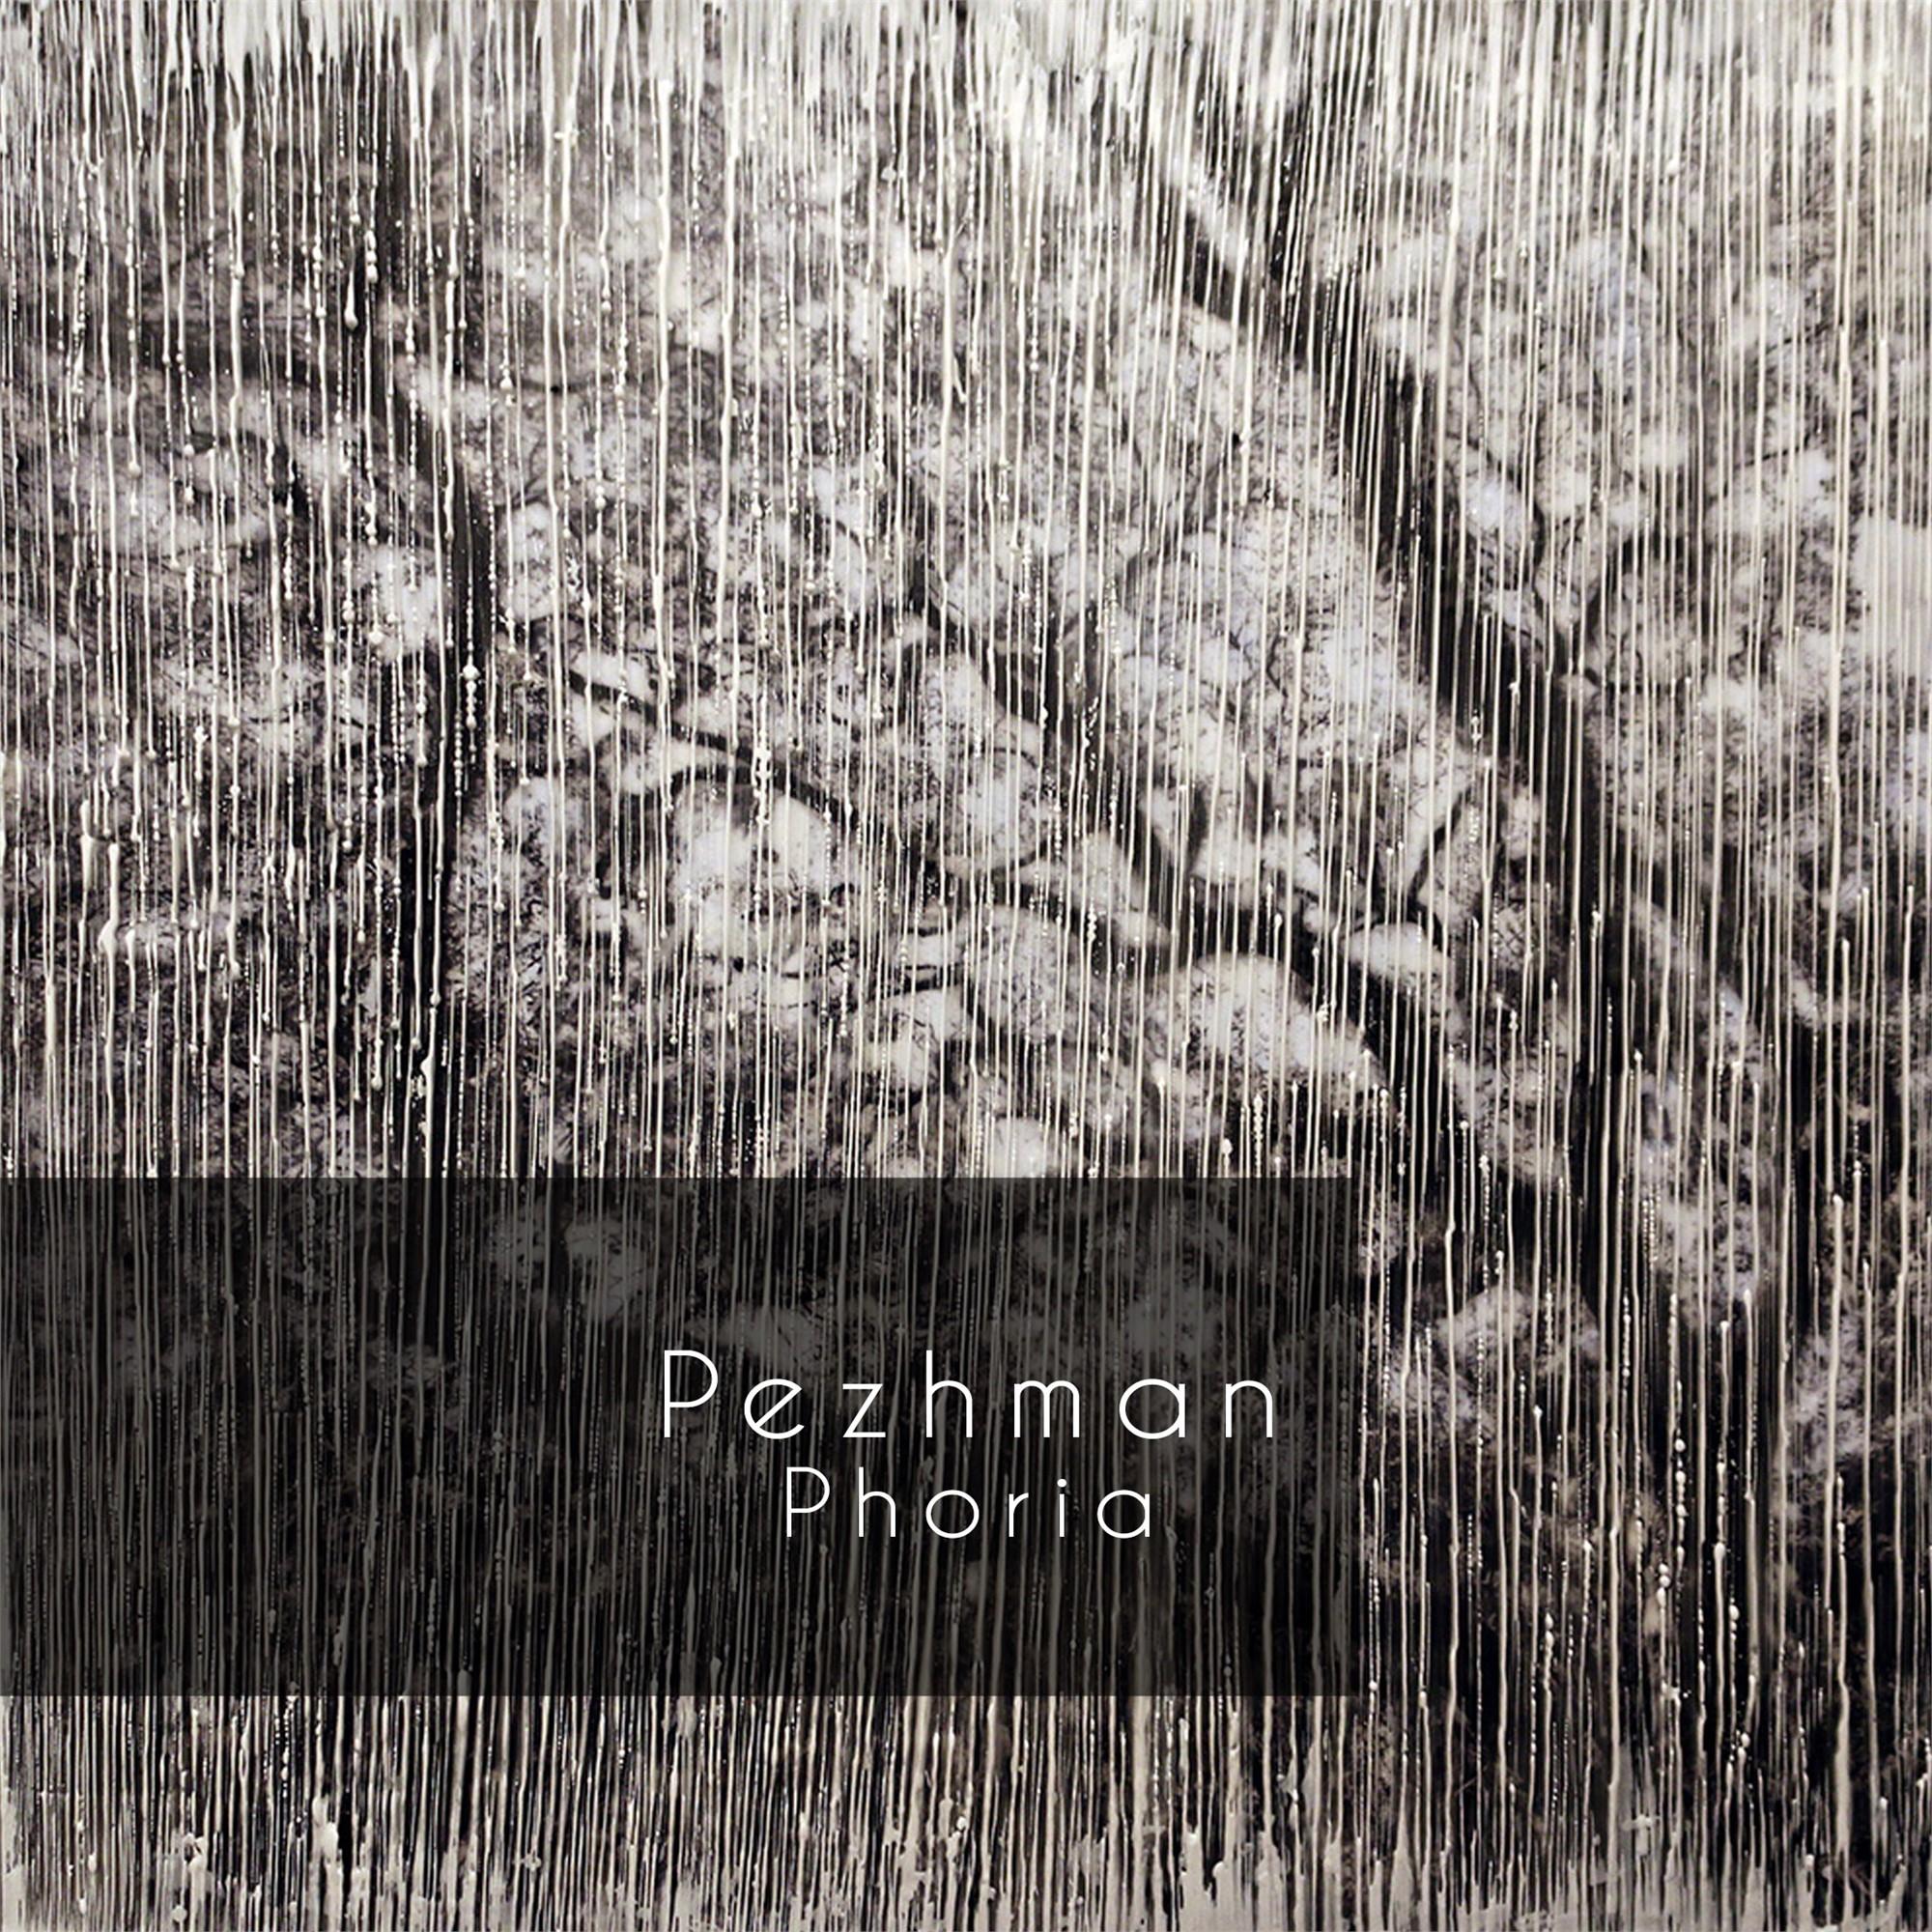 Pezhman: Phoria by Publications